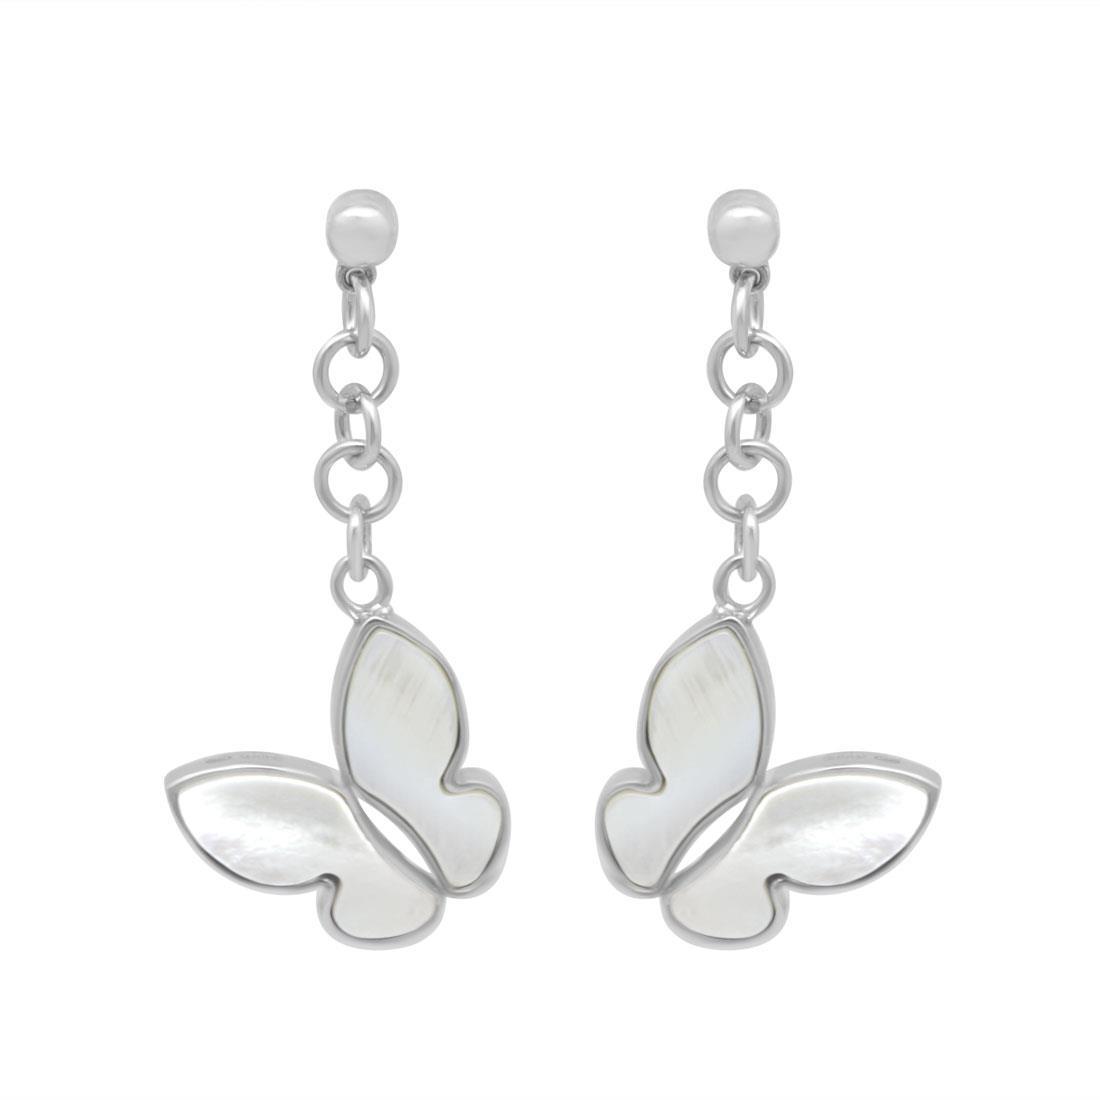 Orecchini pendenti farfalle in argento con madreperla - SALVINI